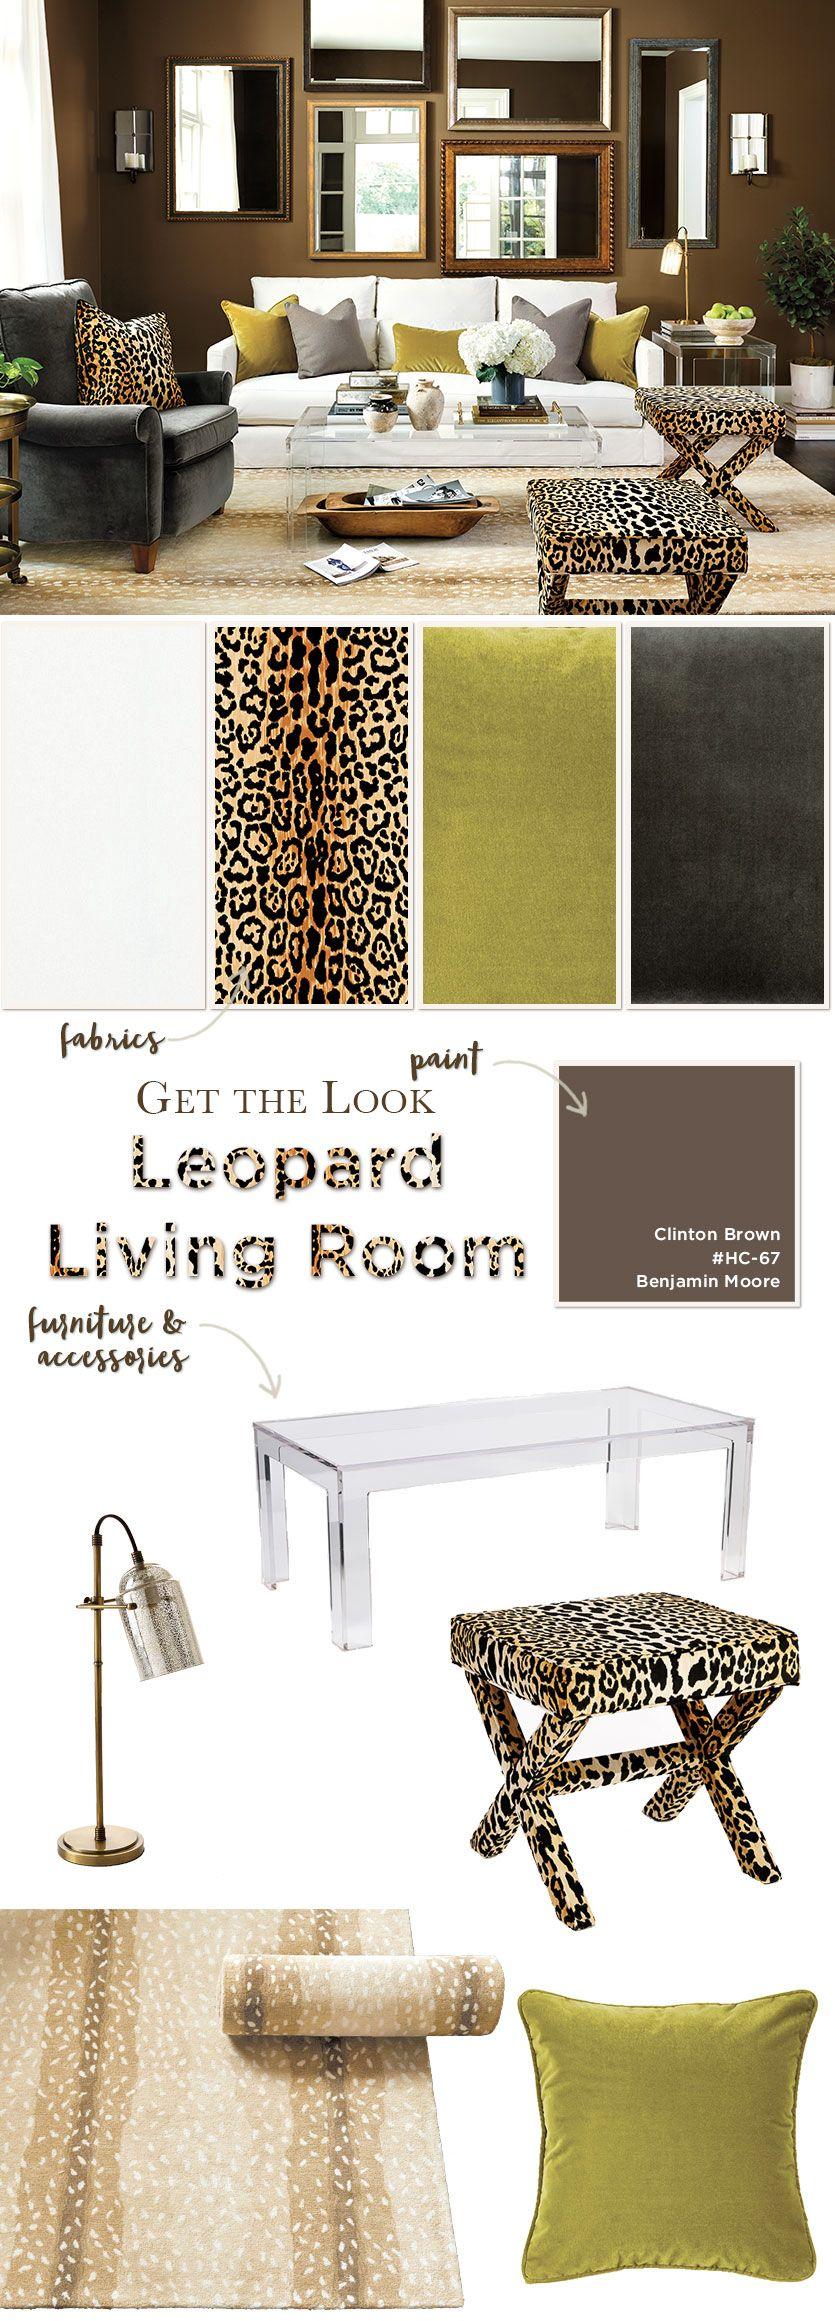 African Safari Living Room Ideas Interior design | DesignElEments ...